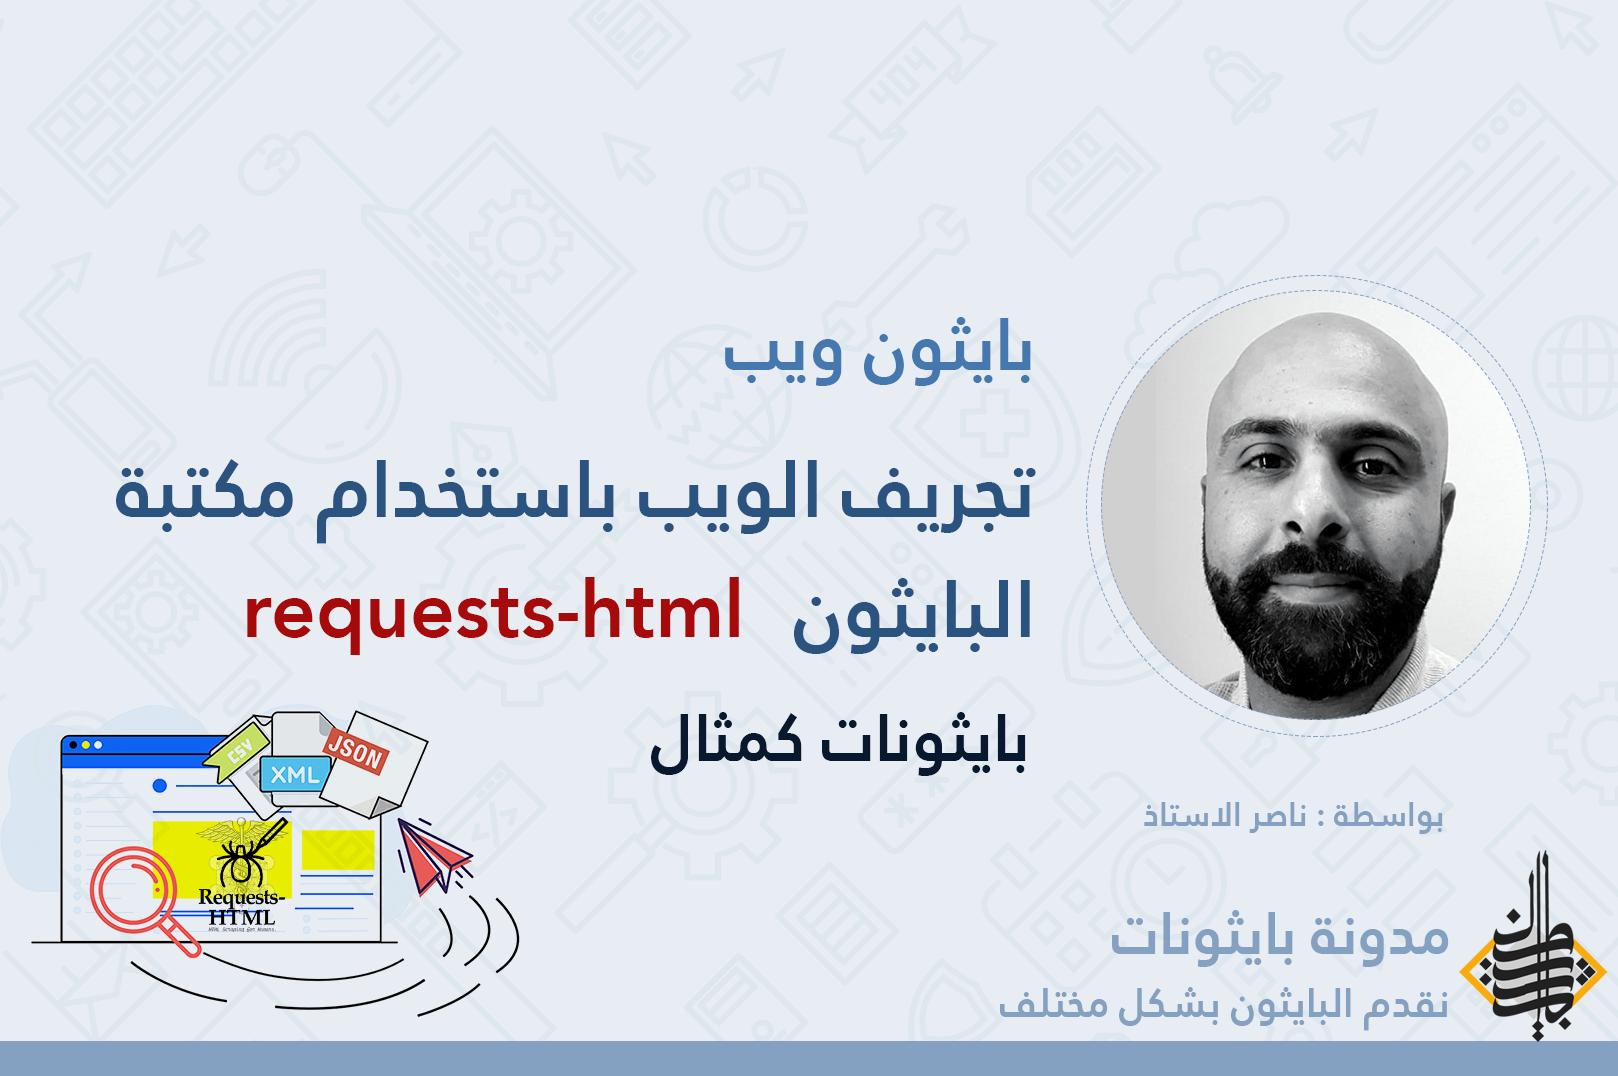 تجريف الويب باستخدام مكتبة البايثون reqursdts-html - بايثونات كمثال